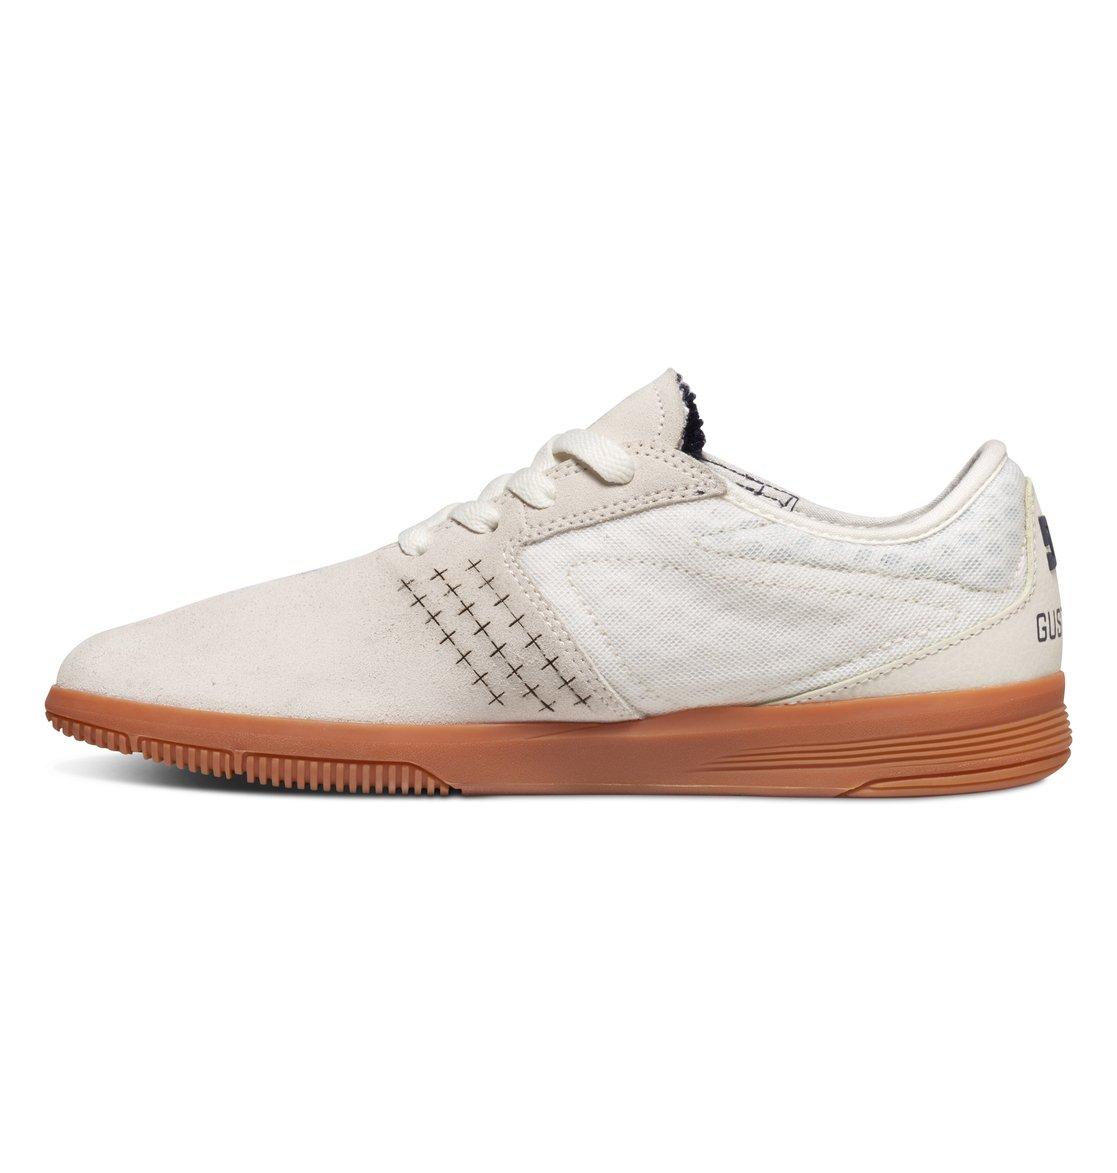 dc shoes New Jack S - Scarpe da skate da Uomo - Red - DC Shoes CQFMFv4